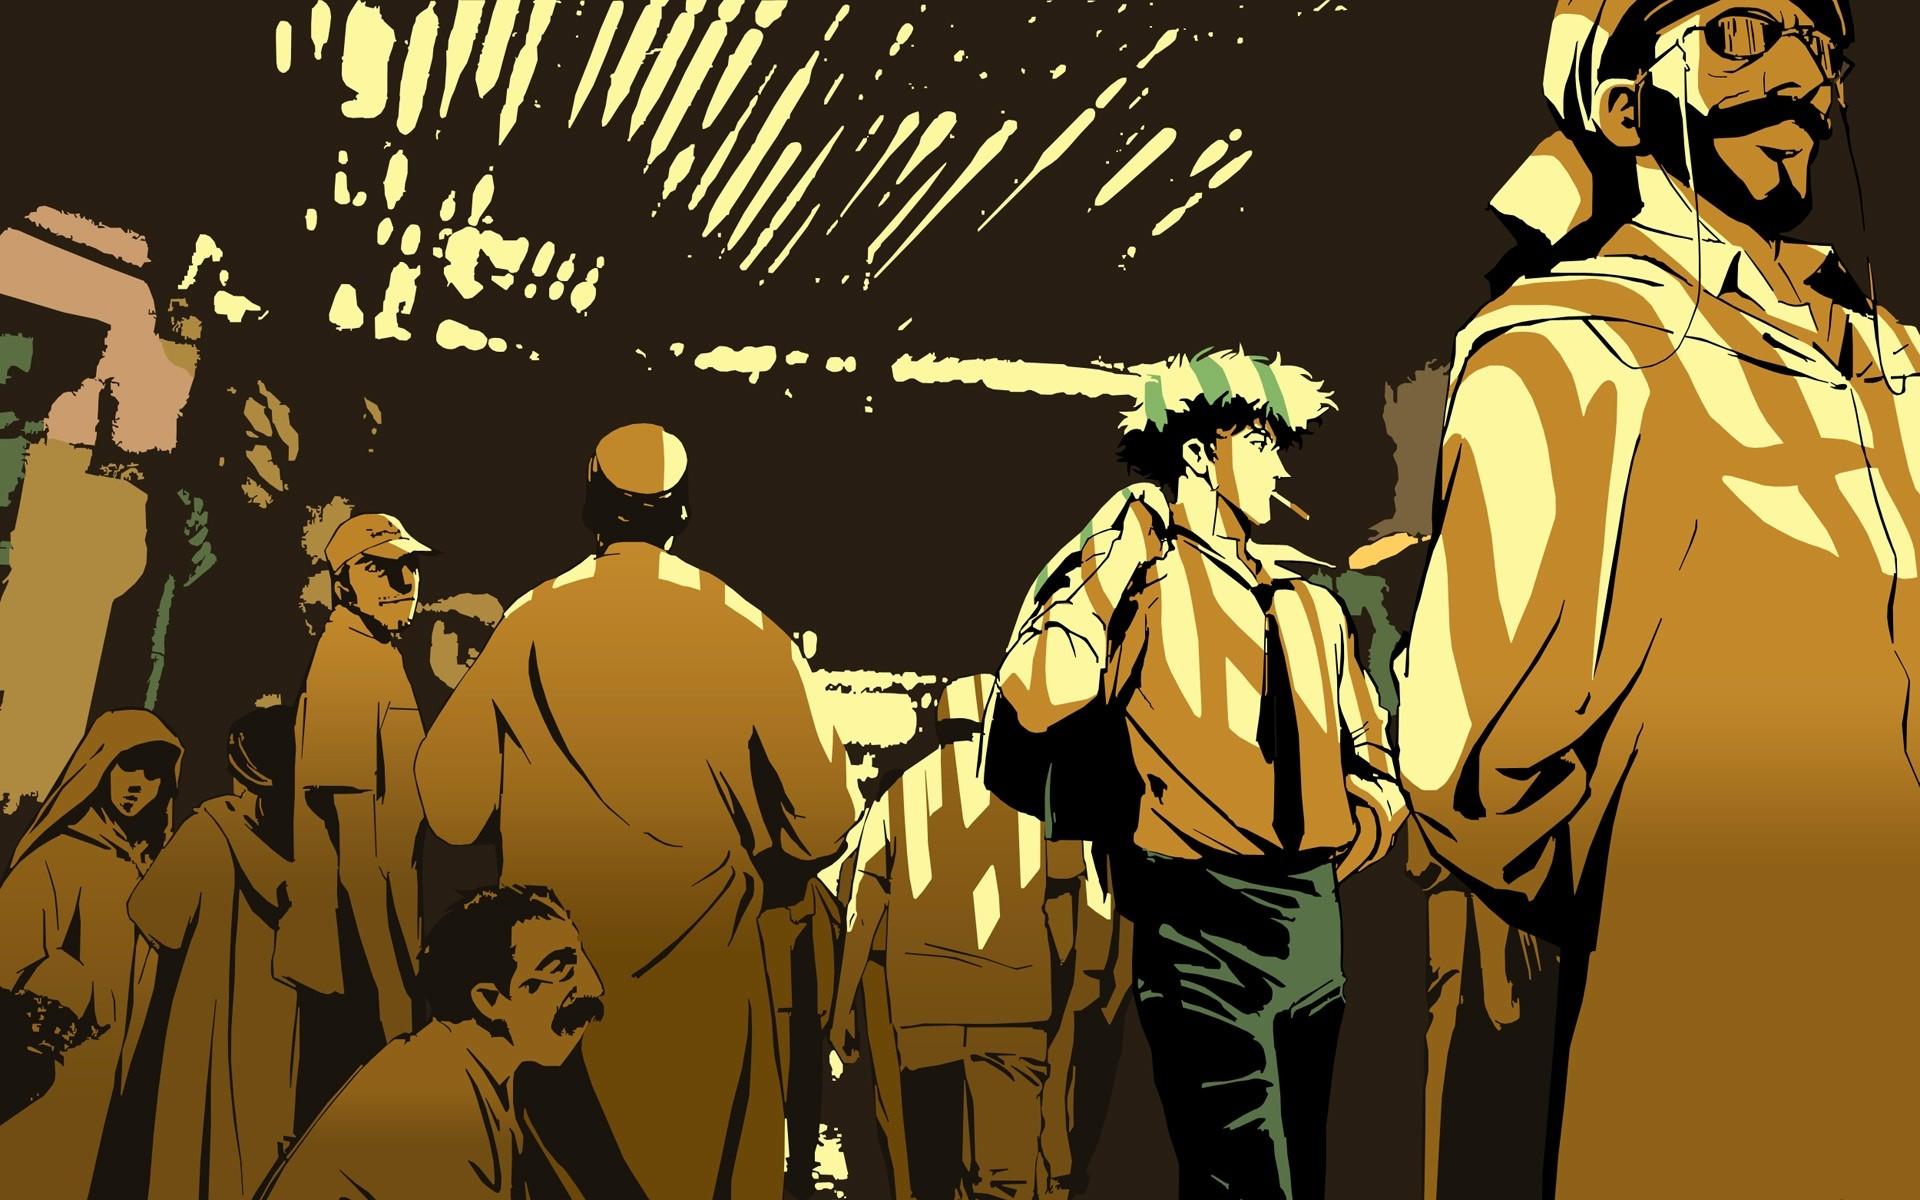 Download Spike Spiegel Wallpaper Gallery 1920x1200